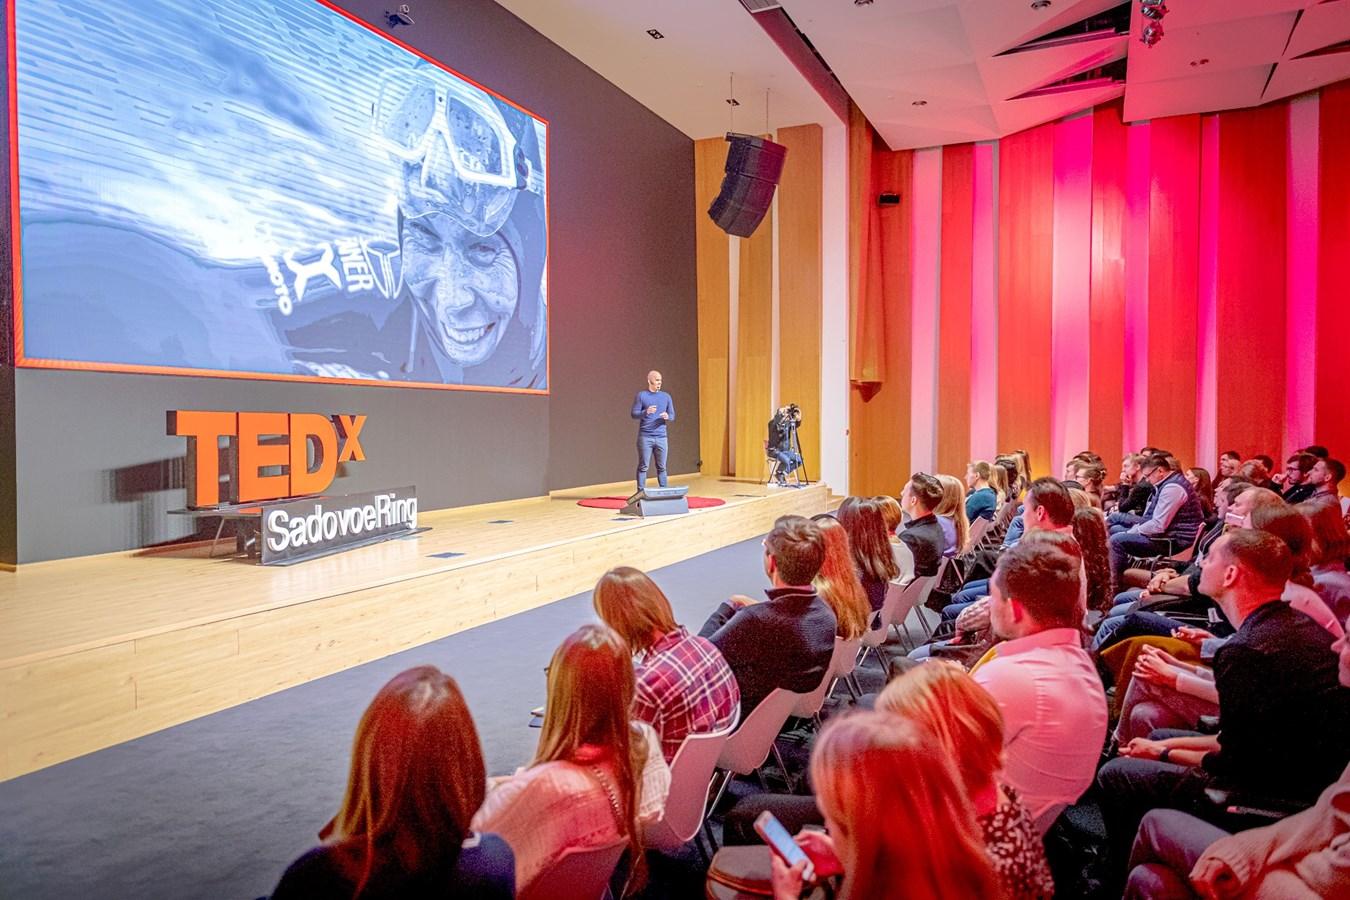 При поддержке Volvo Cars прошёл салон TEDxSadovoeRing